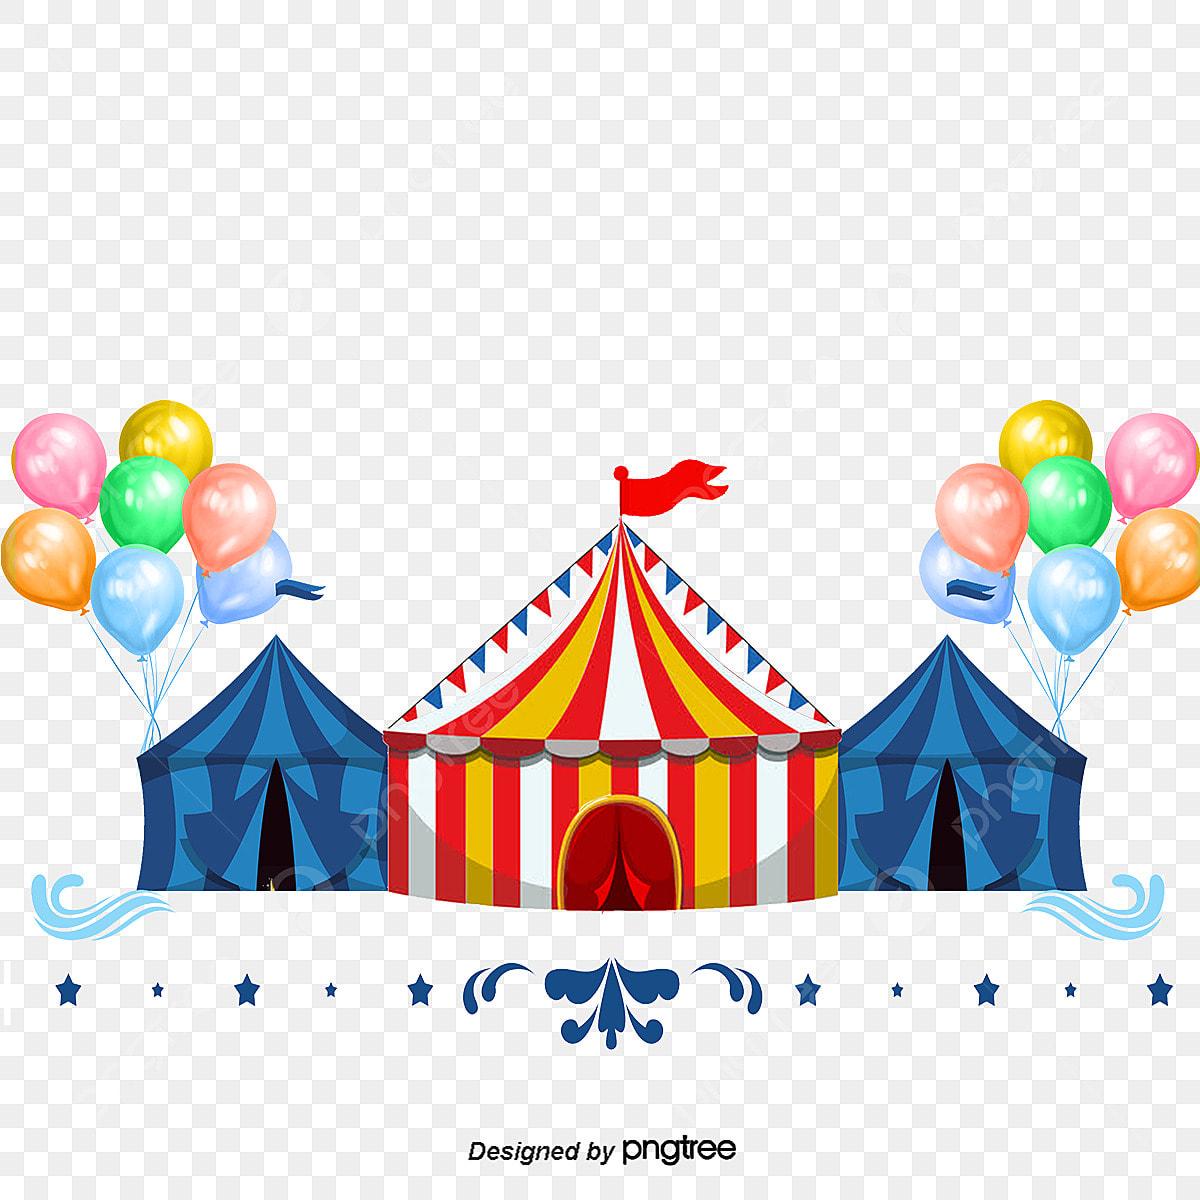 A Tenda De Circo Balao Dos Desenhos Animados De Material